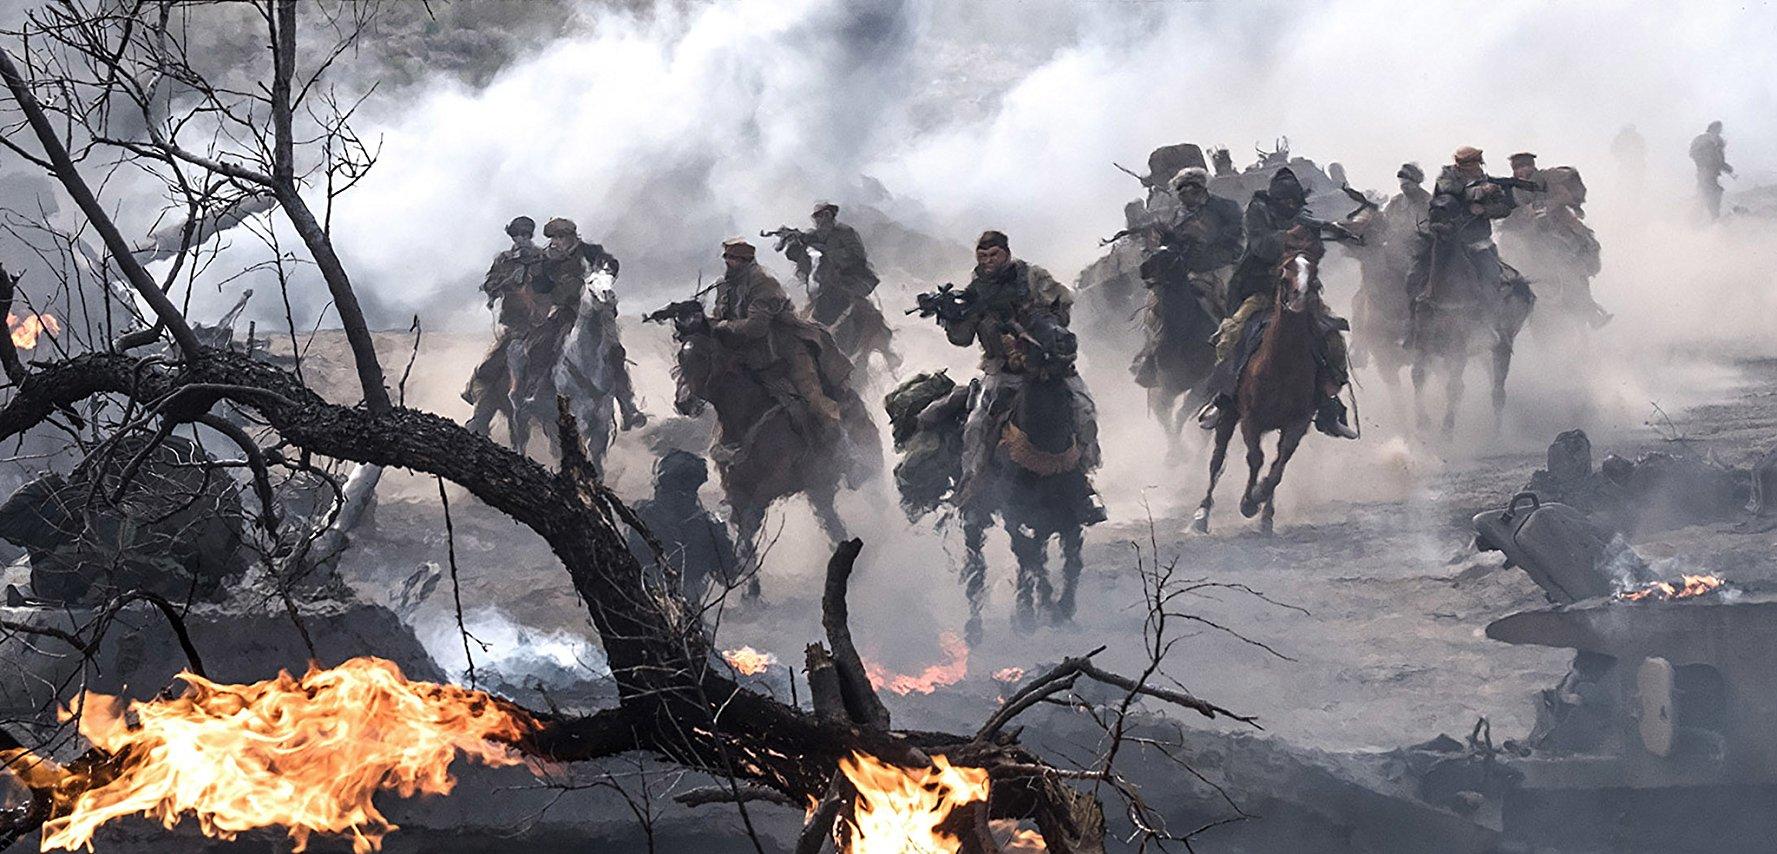 Pasukan berkuda menyerang markas Taliban. Foto dari Warner Bros Pictures